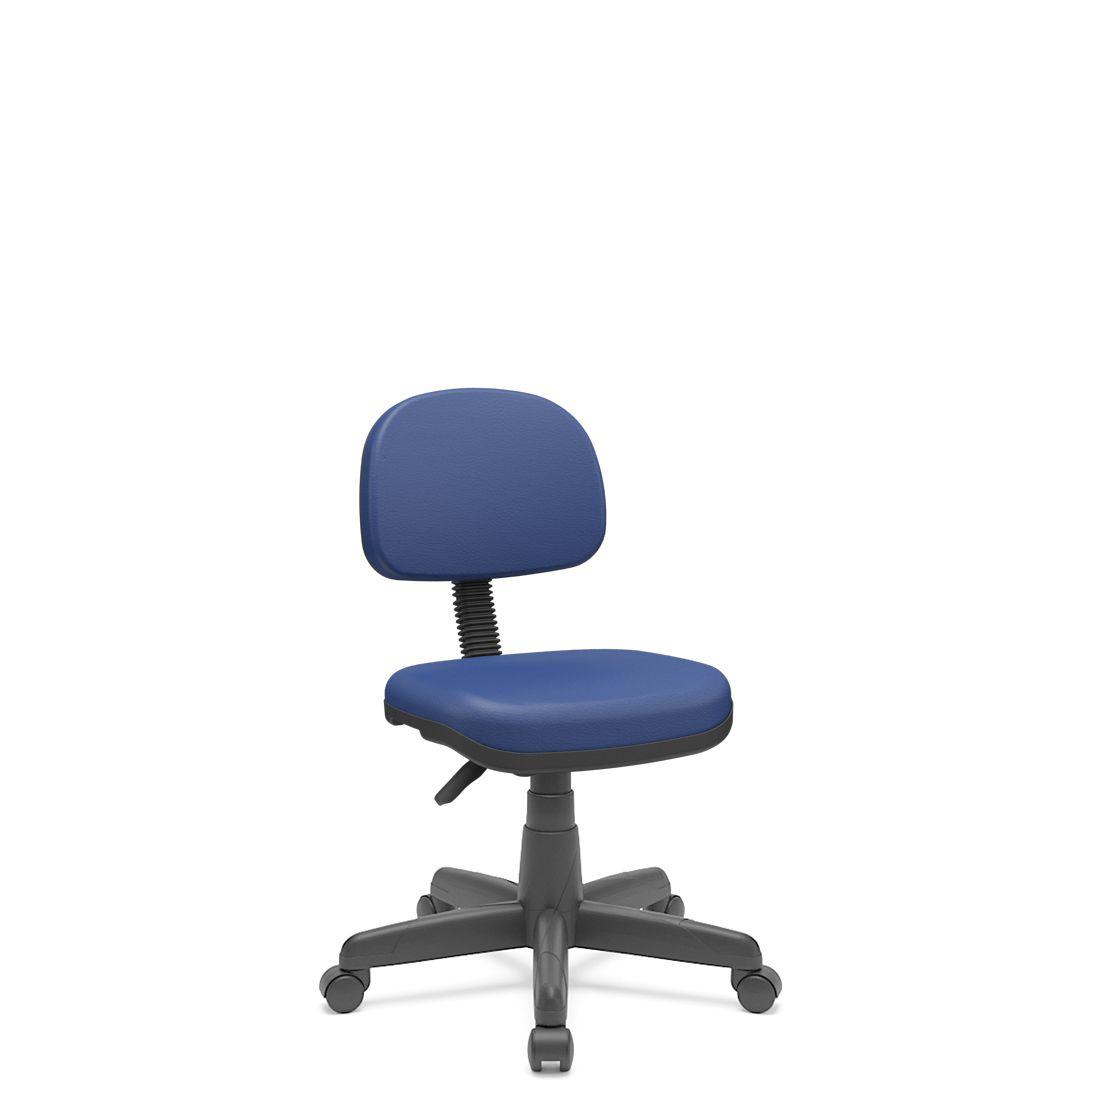 Cadeira Secretária Giratória Em couro ecológico Com Base Preta Plaxmetal - Azul